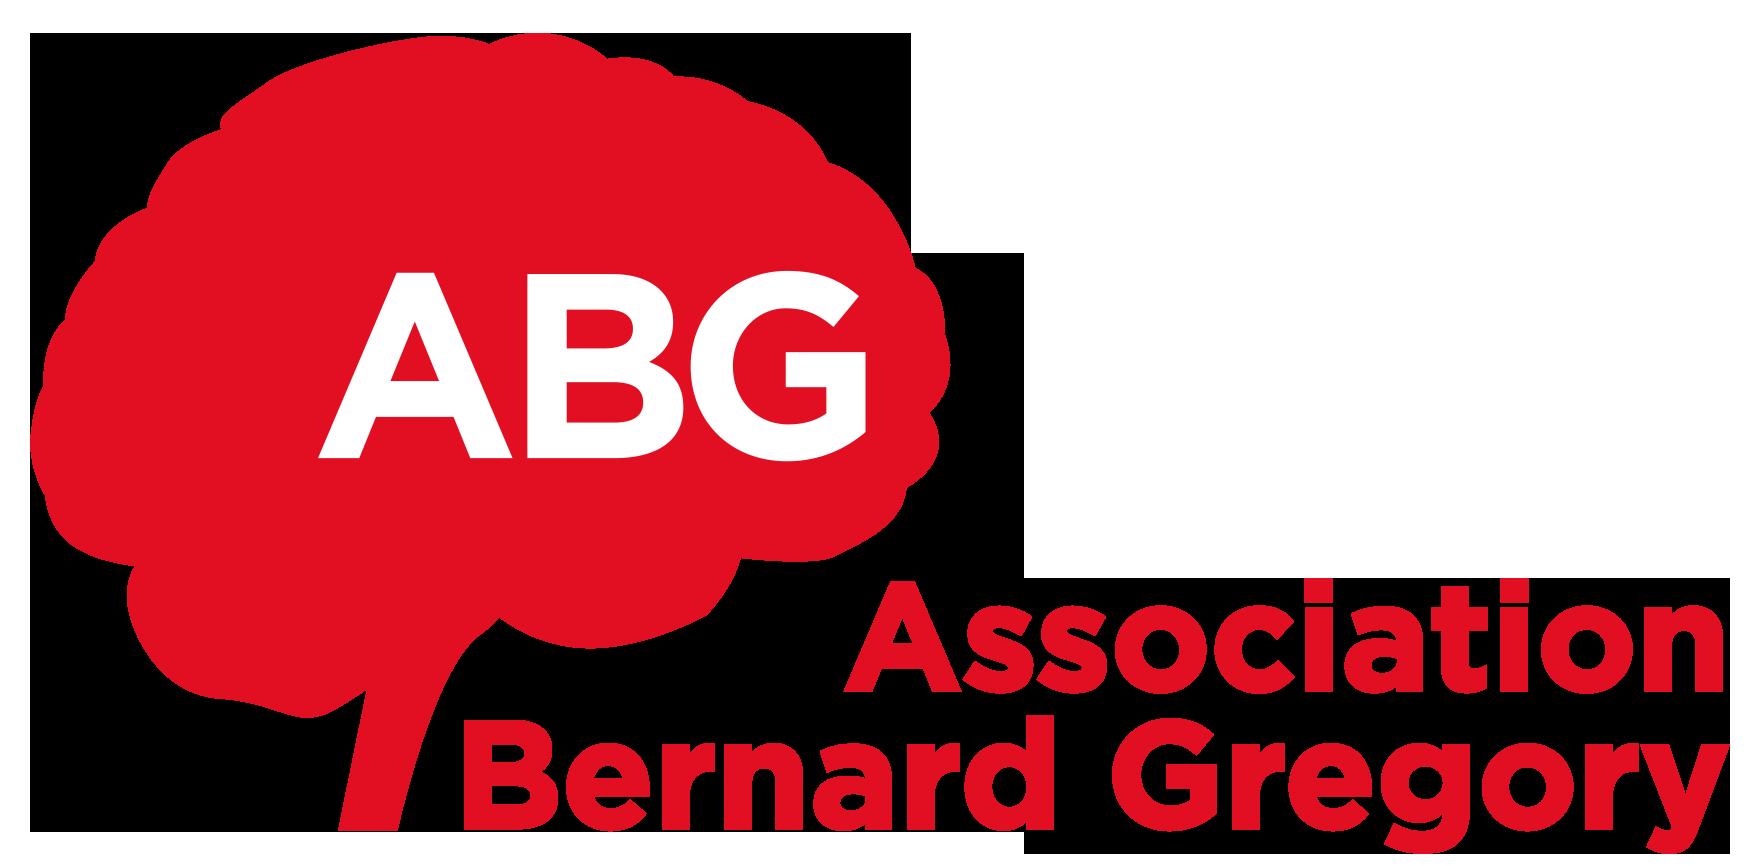 Gregory Association Association Bernard Bernard 1zOS8q